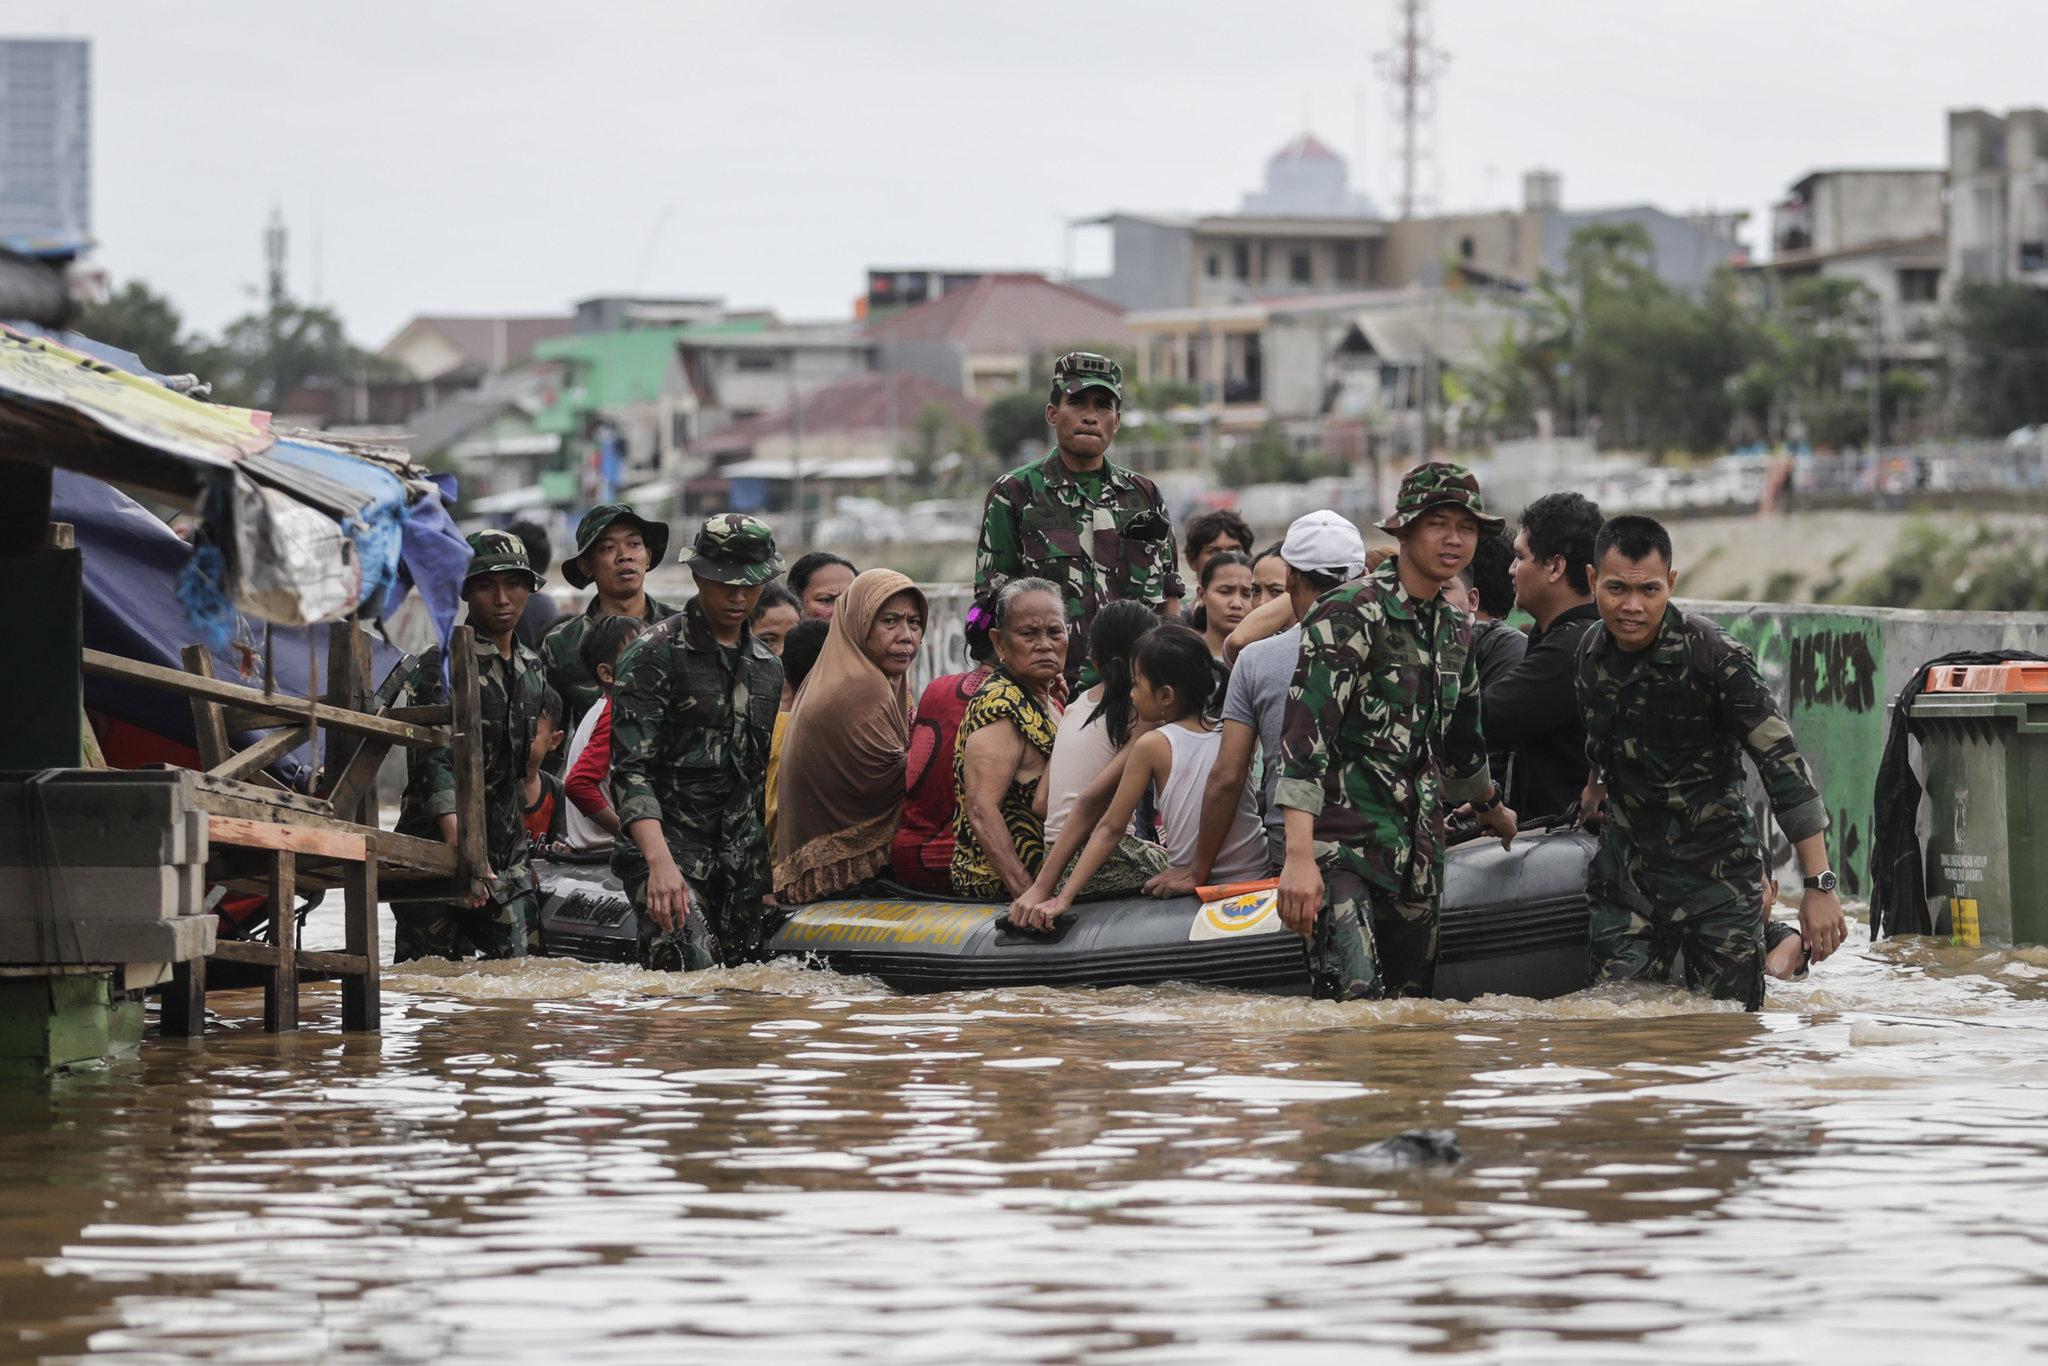 Përmbytje masive në Indonezi, shpërngulen mijëra banorë